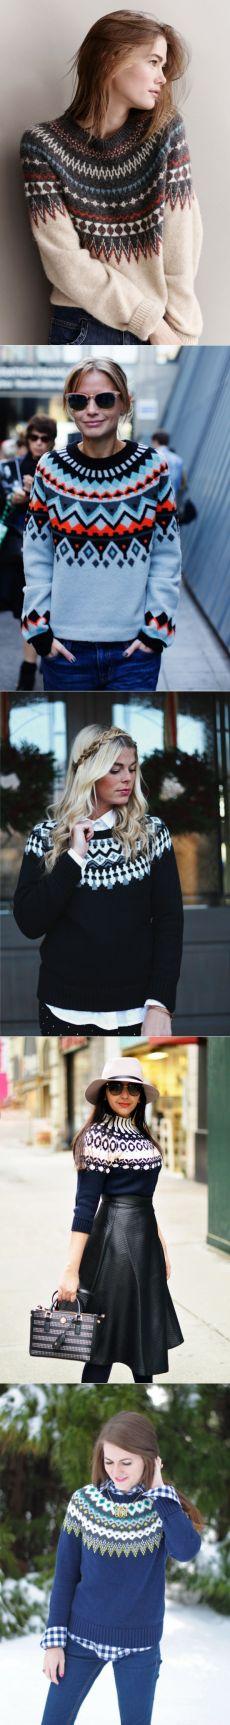 Идея для шоппинга: уютный свитер с круглой кокеткой — Модно / Nemodno